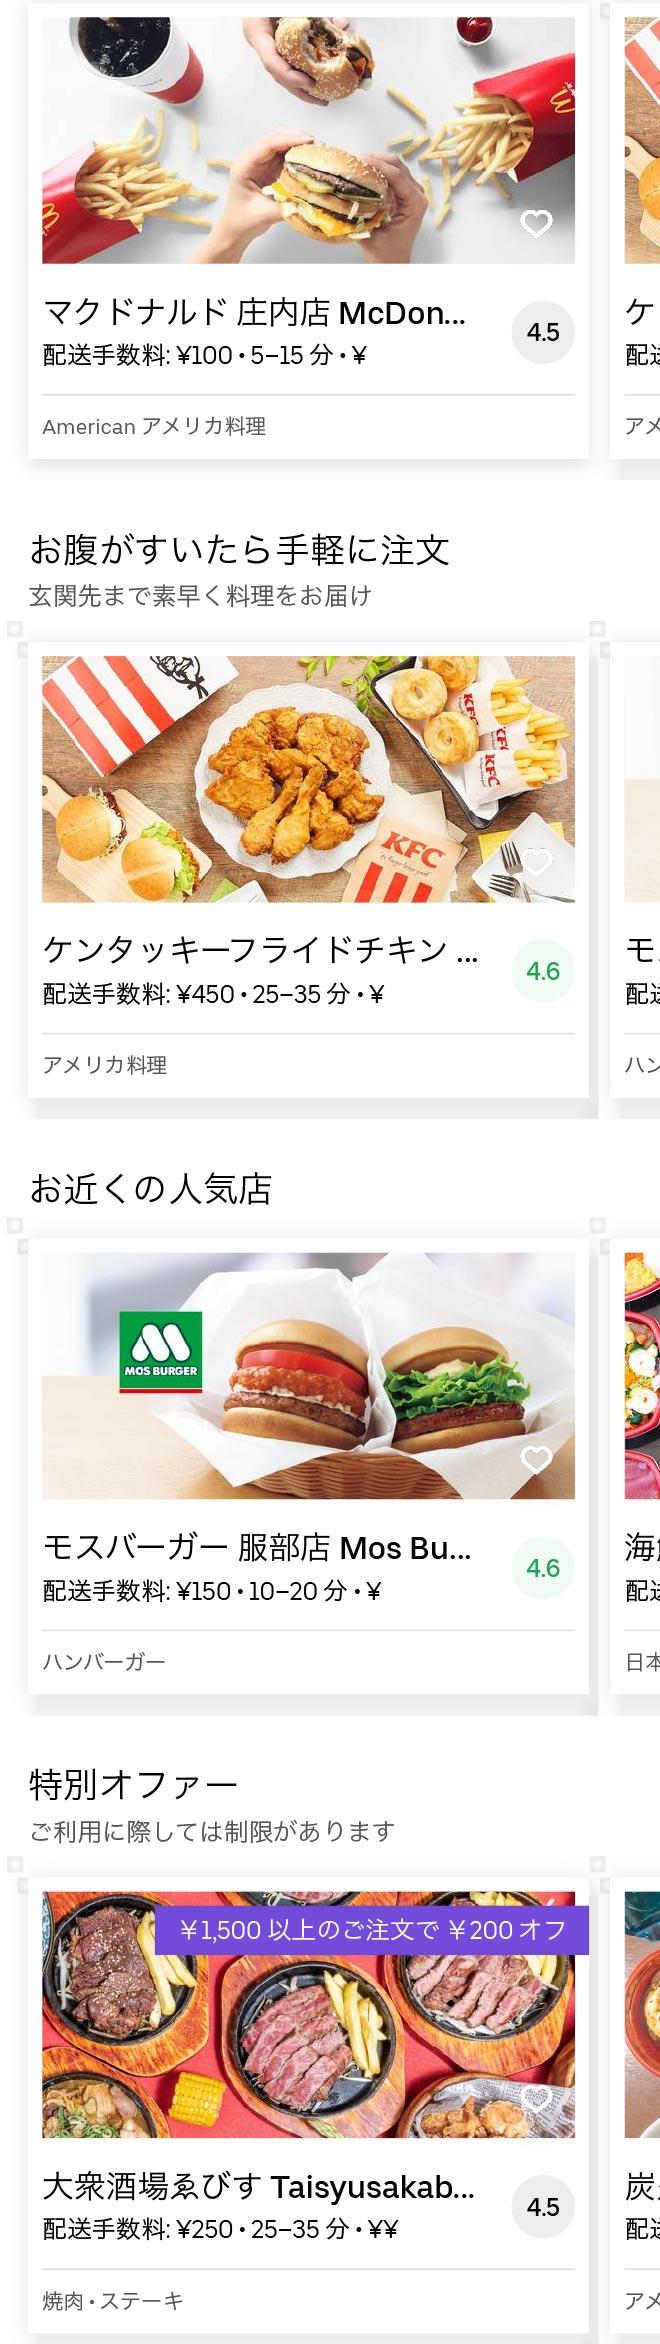 Toyonaka shounai menu 2005 01